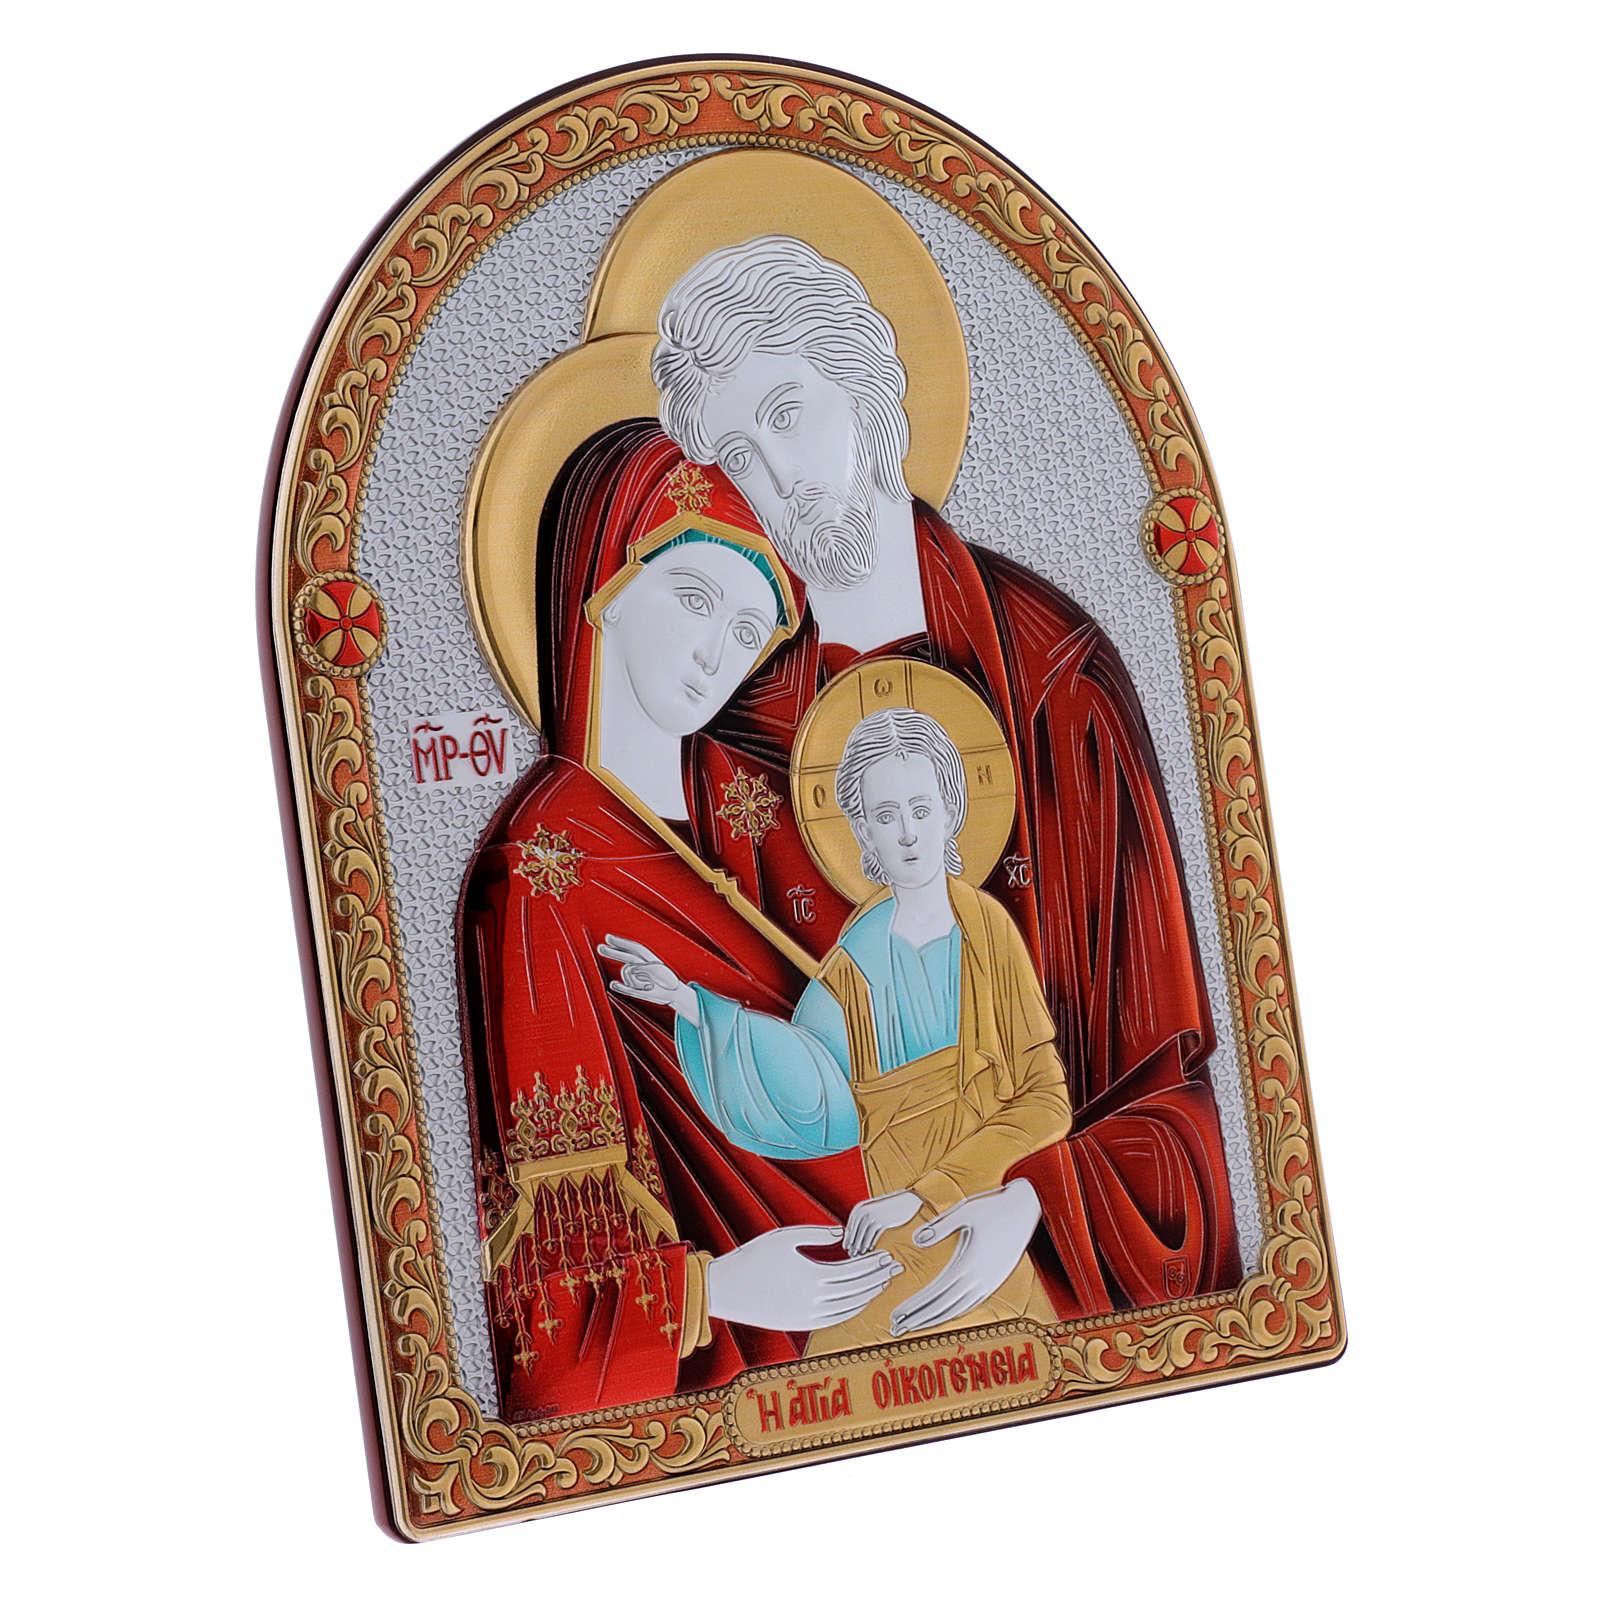 Quadro bilaminato retro legno pregiato finiture oro Sacra Famiglia rossa 24,5X20 cm 4